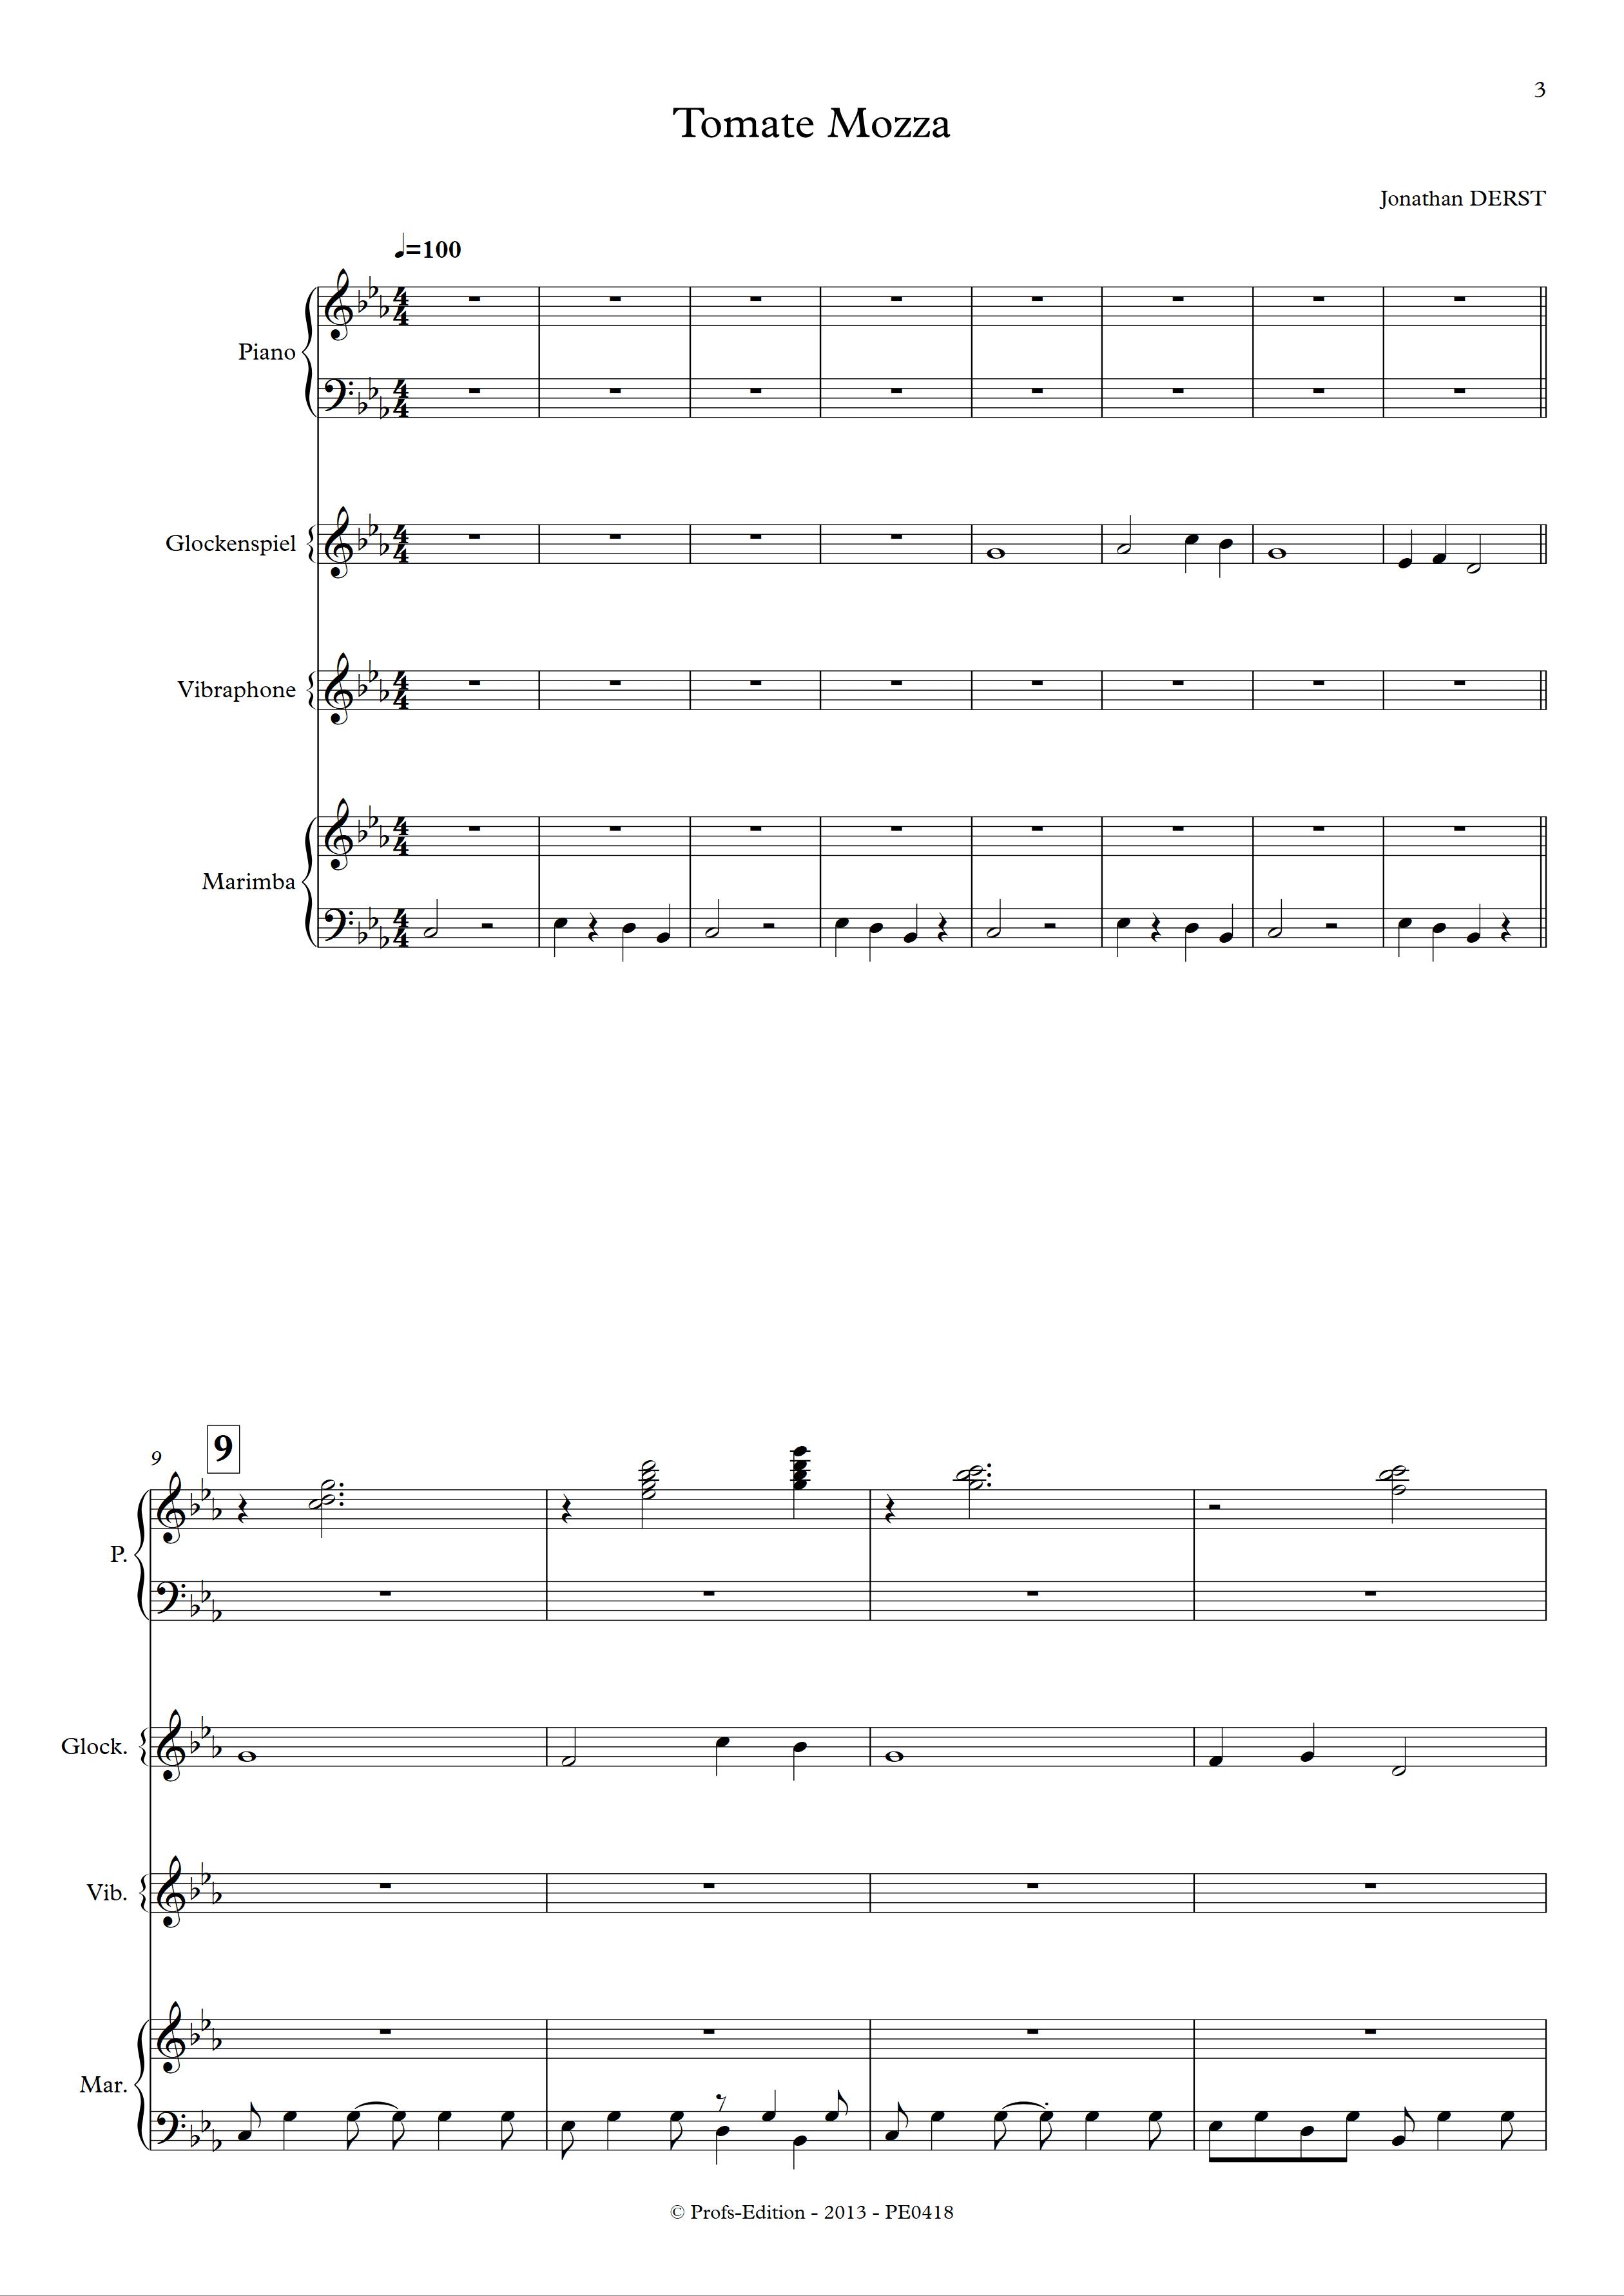 Tomate Mozza - Quatuor de Percussions - DERST J. - Partition